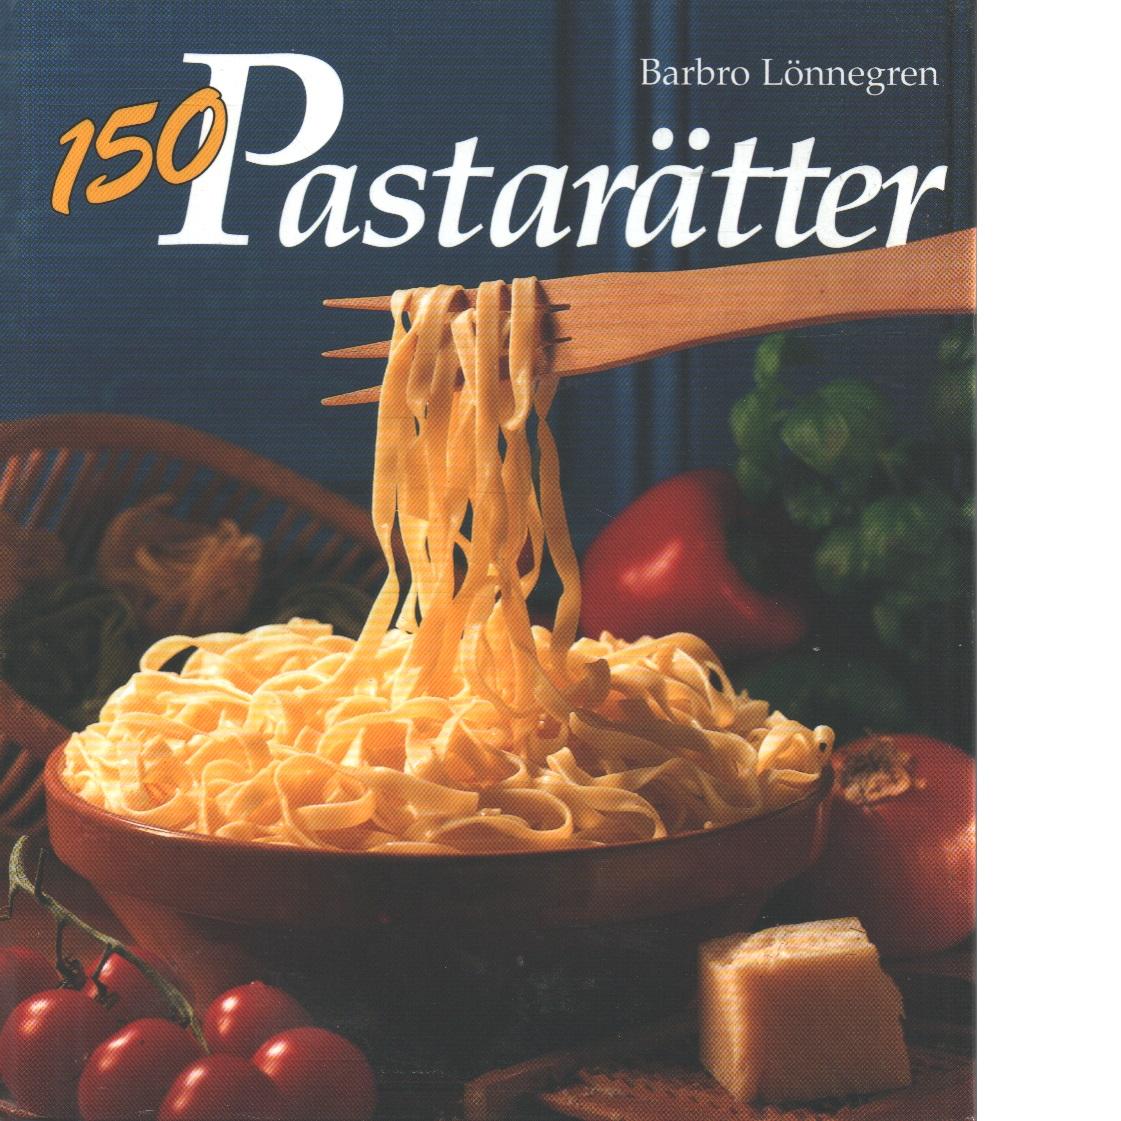 150 pastarätter - Lönnegren, Barbro